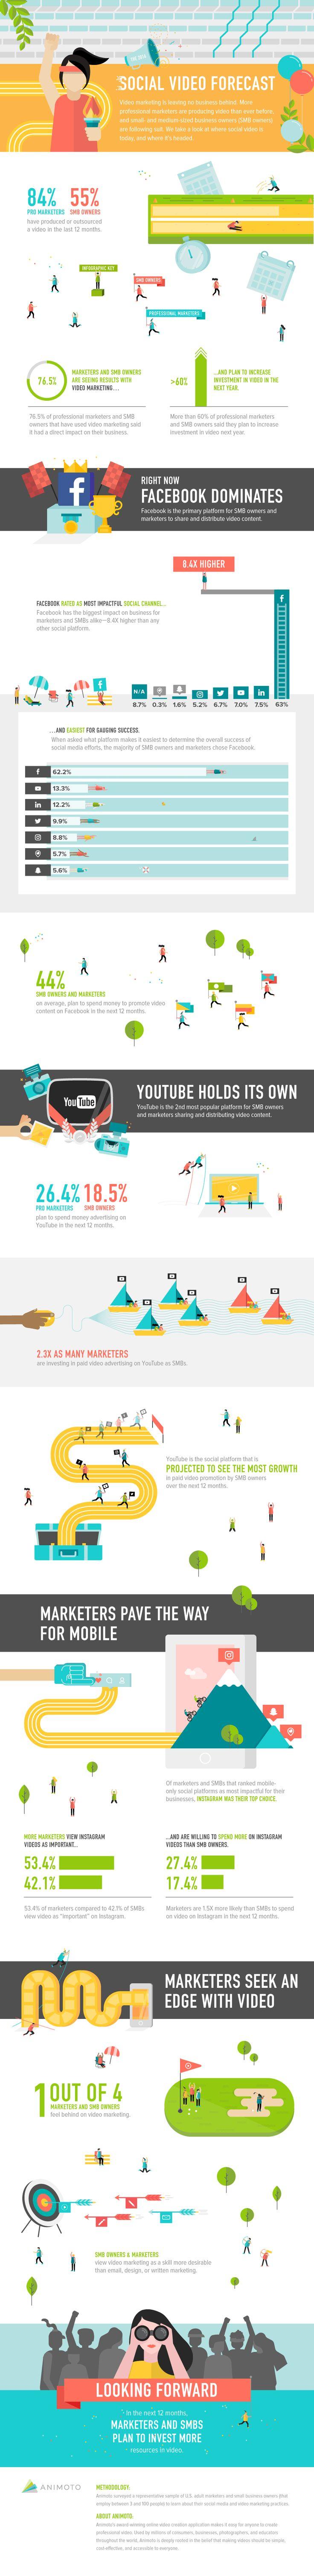 The 2016 Social Video Forecast #Infographic #ContentMarketing #SocialMedia